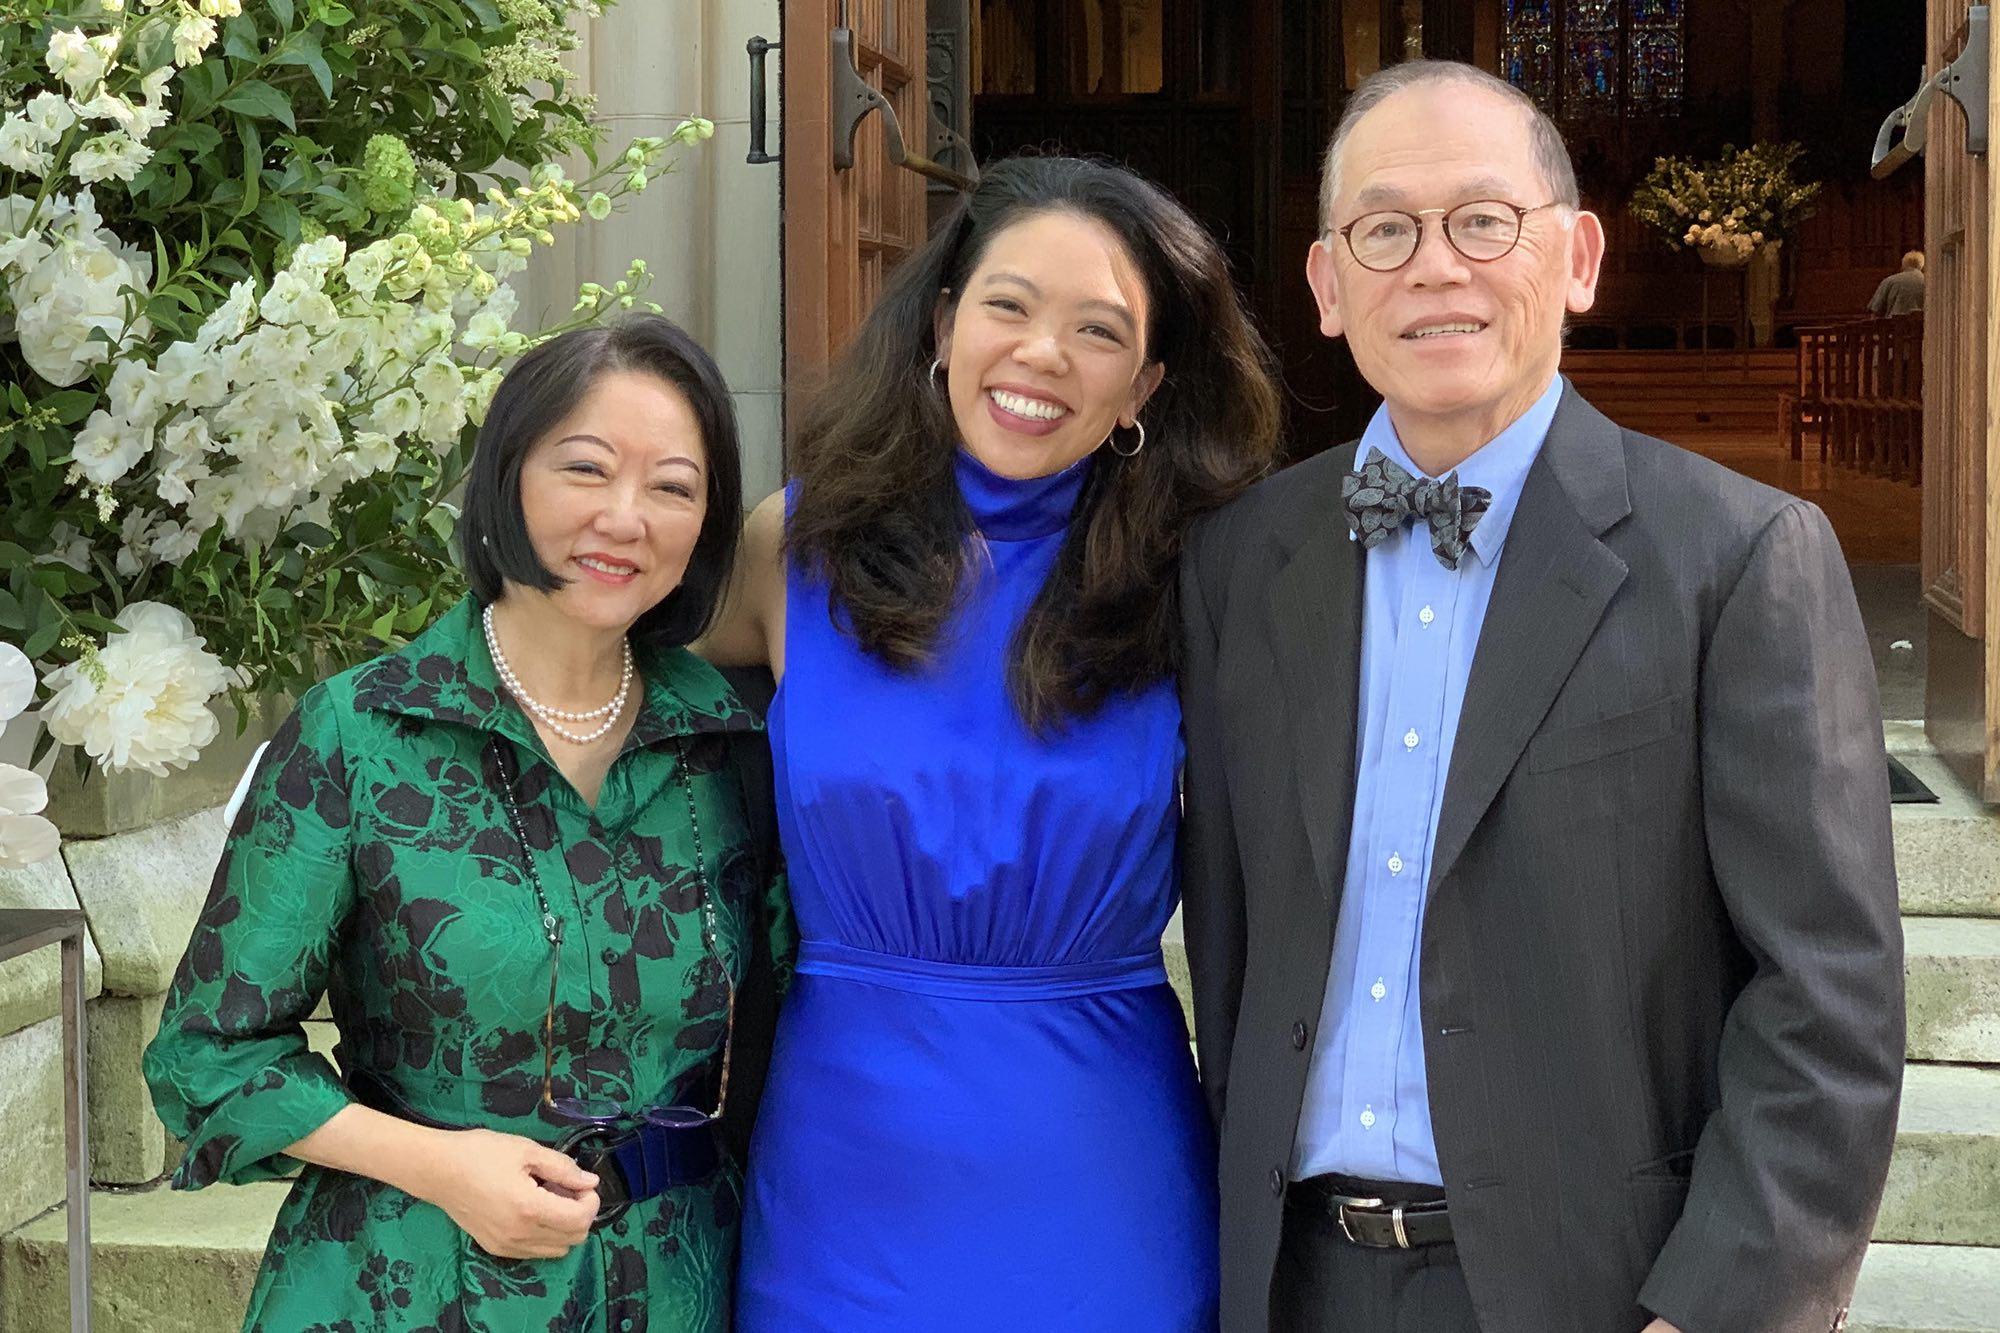 Lily, Alexandra, and Tony Hsu